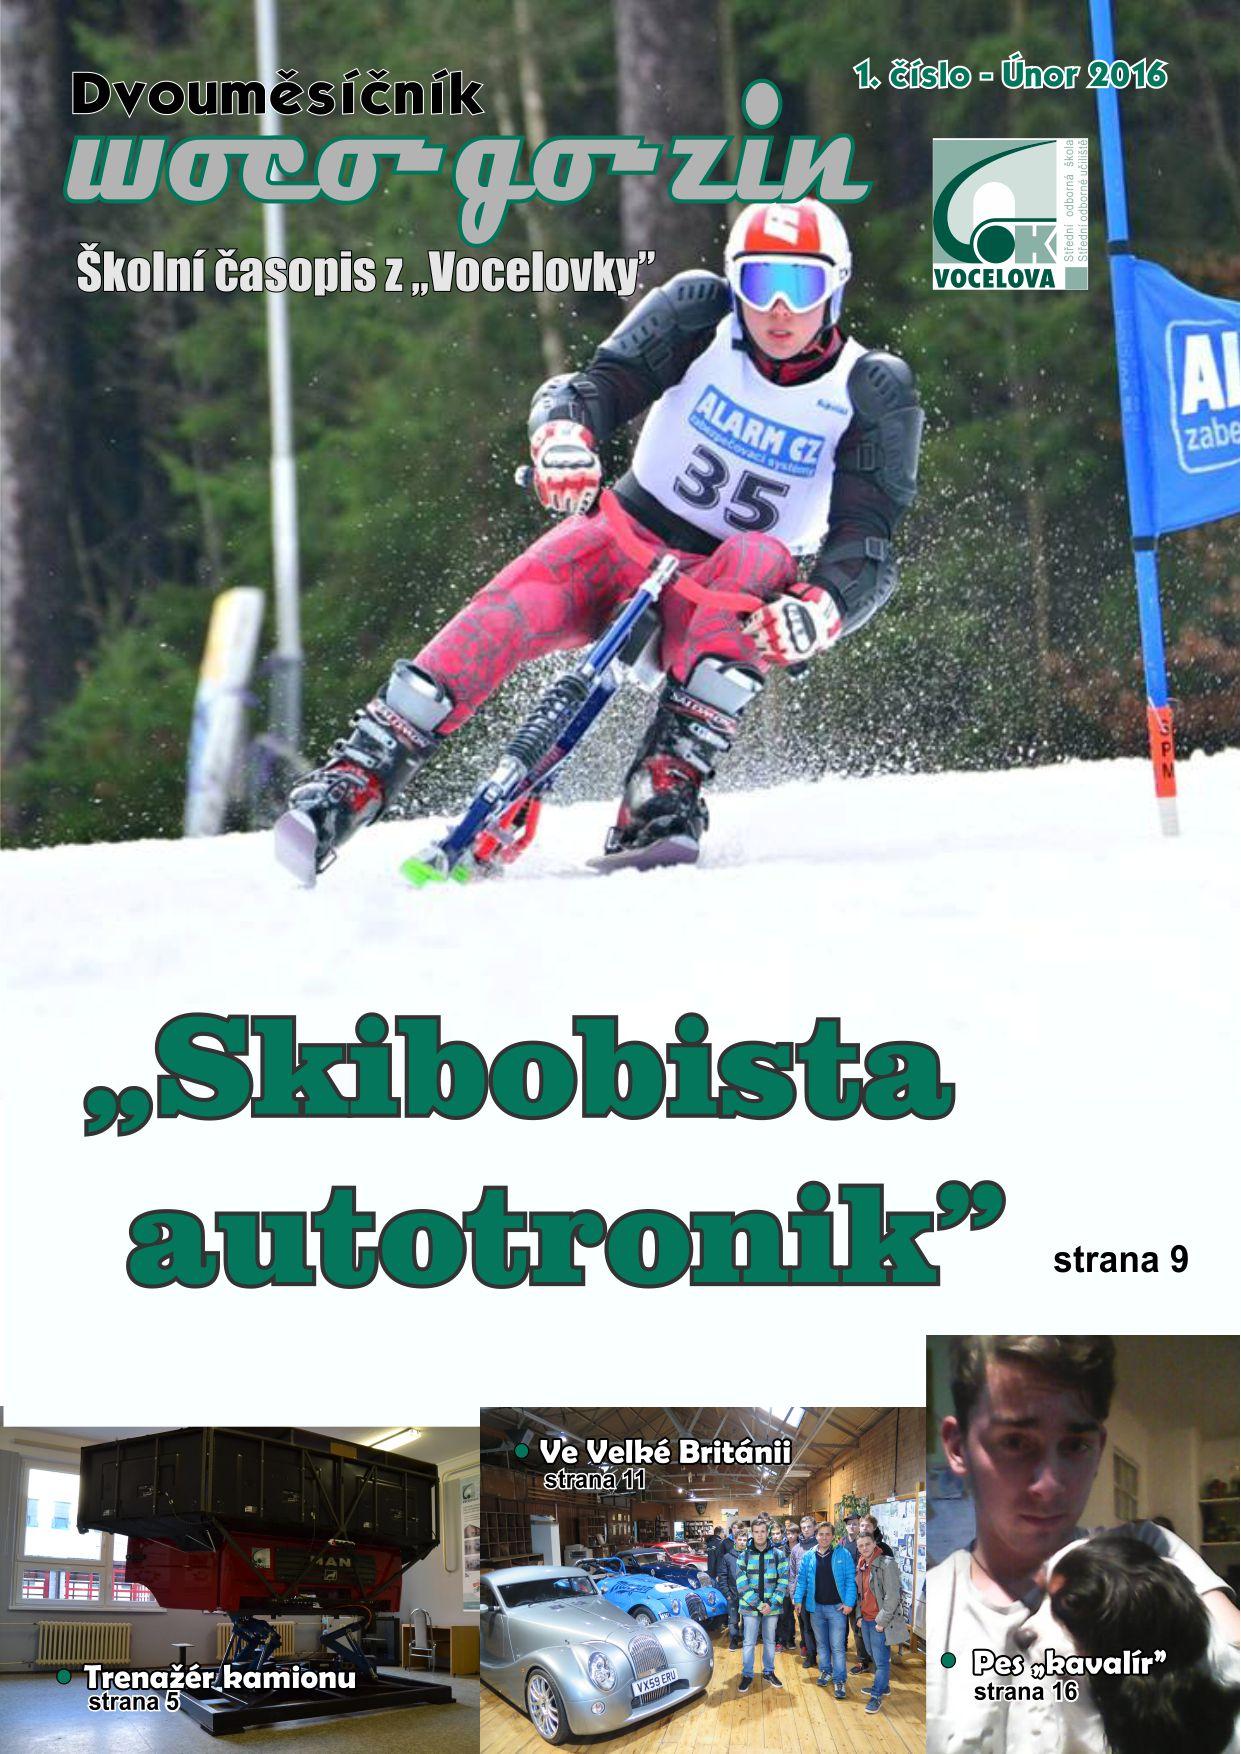 Školní časopis WOCO-GO-ZIN 1/2016